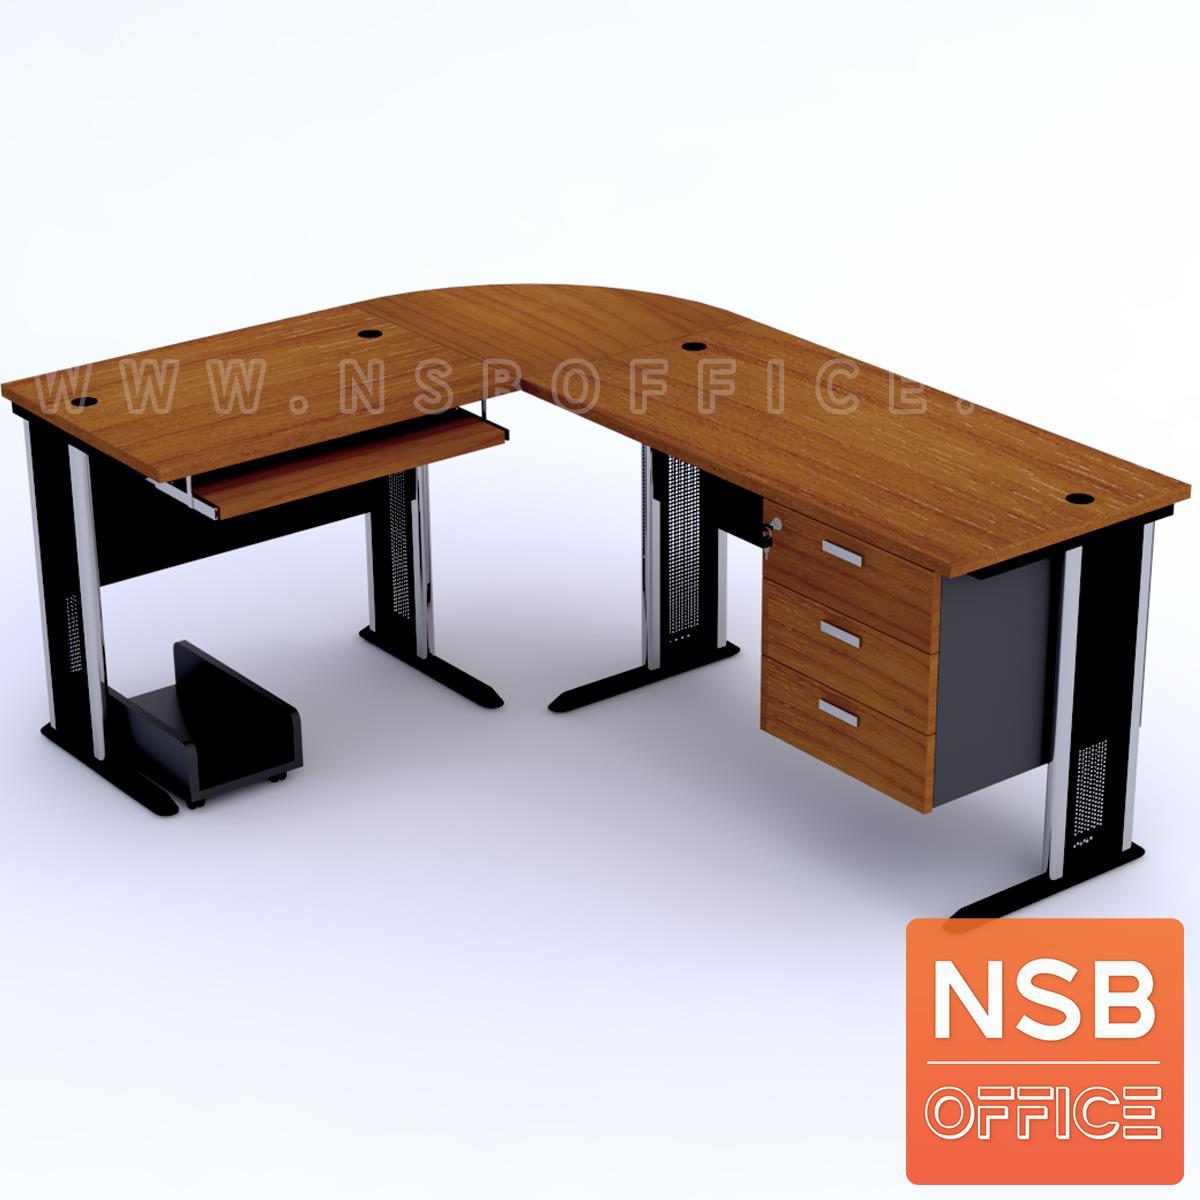 A13A028:โต๊ะผู้บริหารตัวแอลหัวโค้ง  รุ่น Orbit (ออบิต) ขนาด 180W1*140W2 cm. ขาเหล็กโครเมี่ยมดำ สีเชอร์รี่ดำ